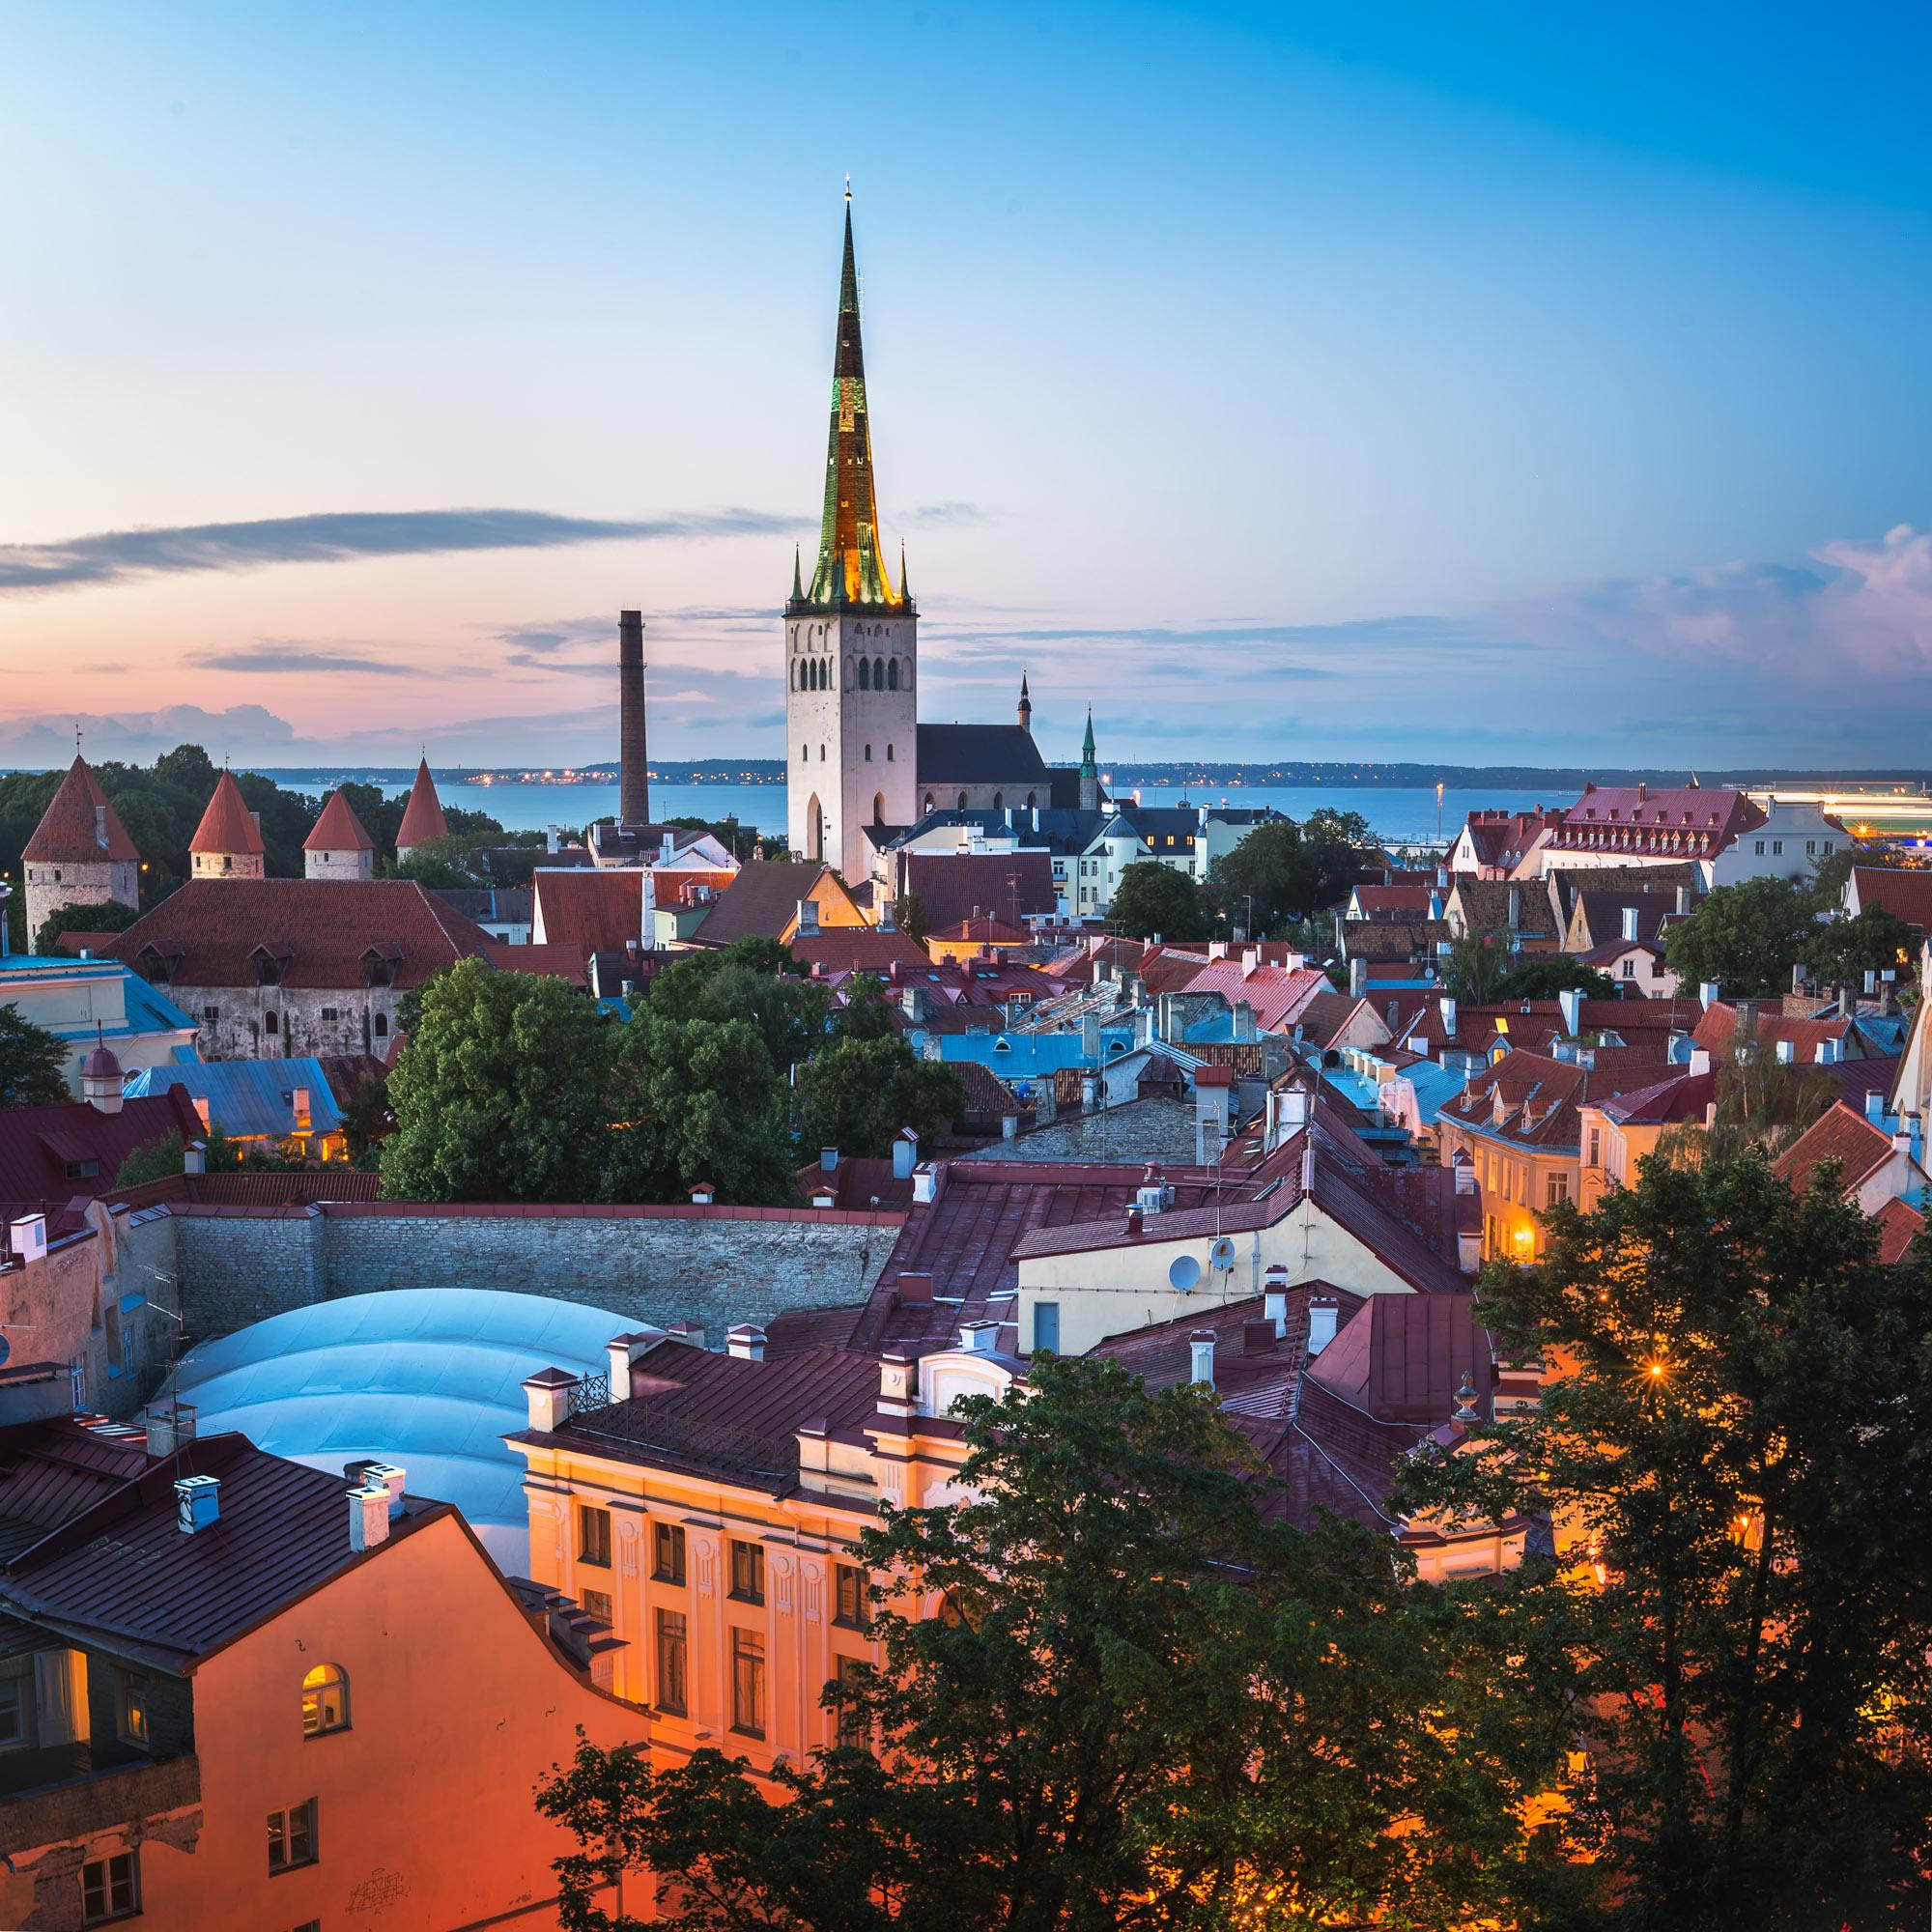 Tallinn Old Town, Tallinn, Estonia